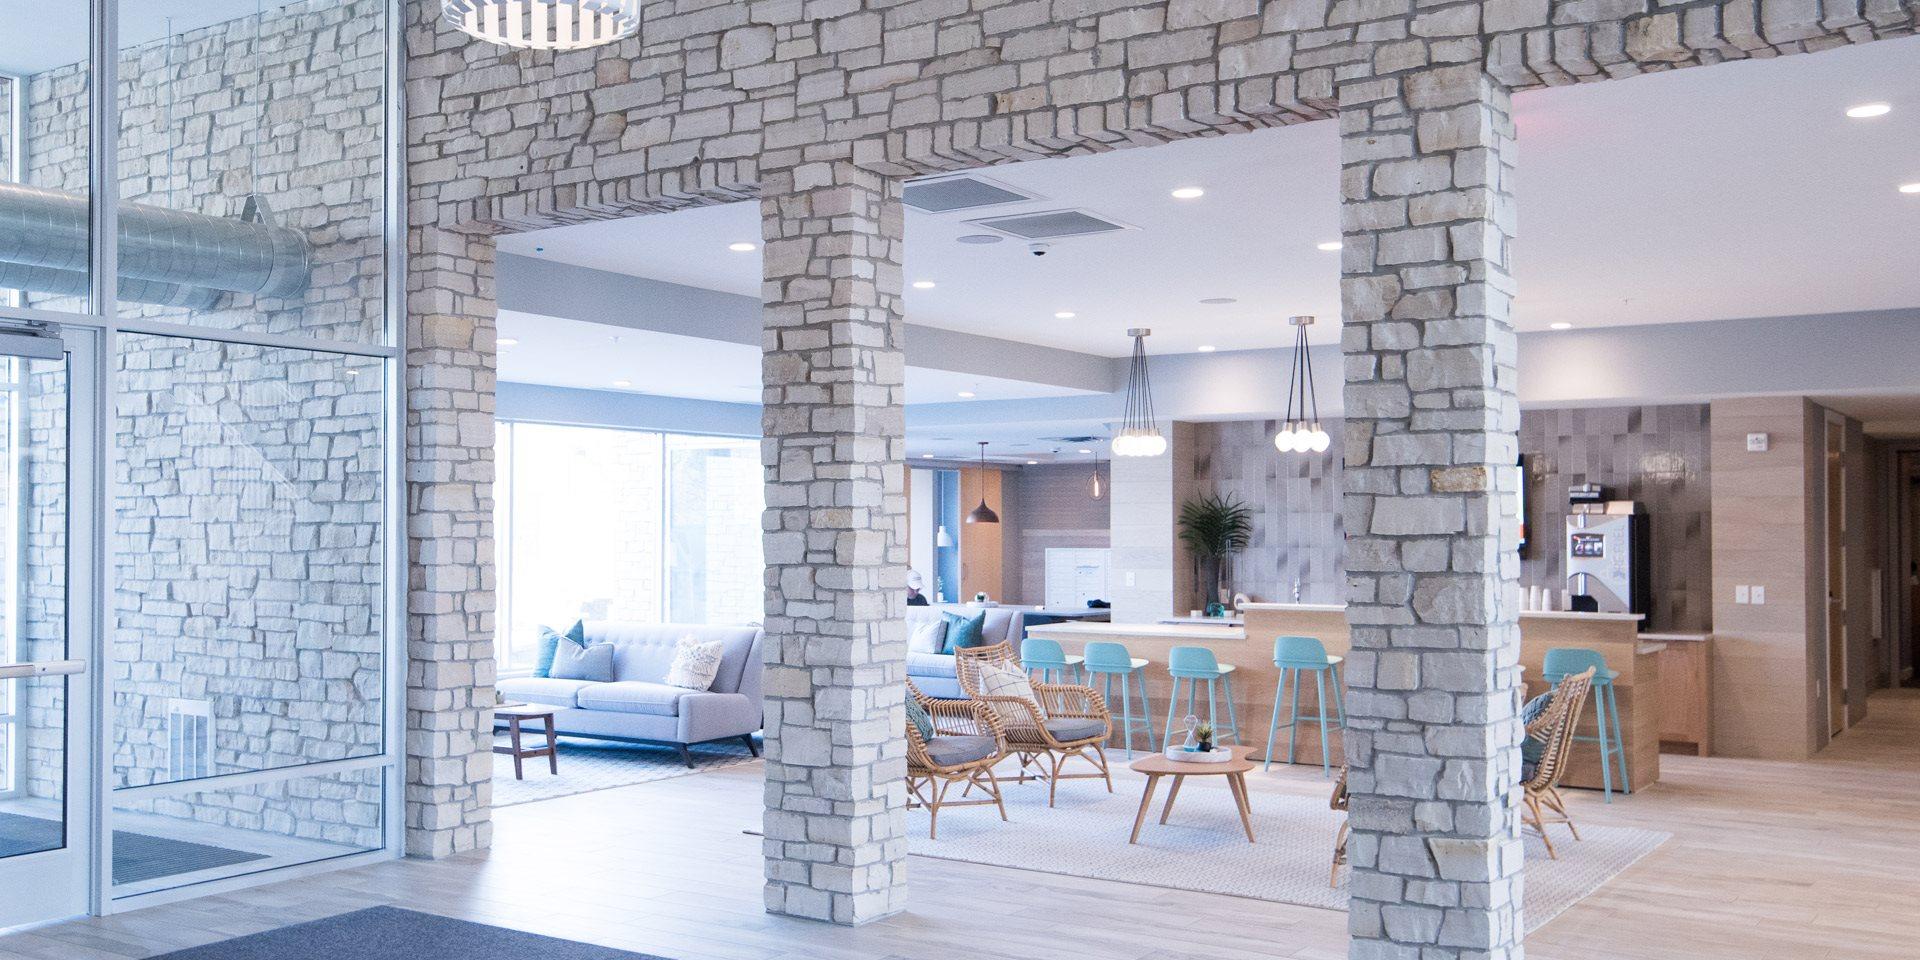 Talo Apartments Lobby